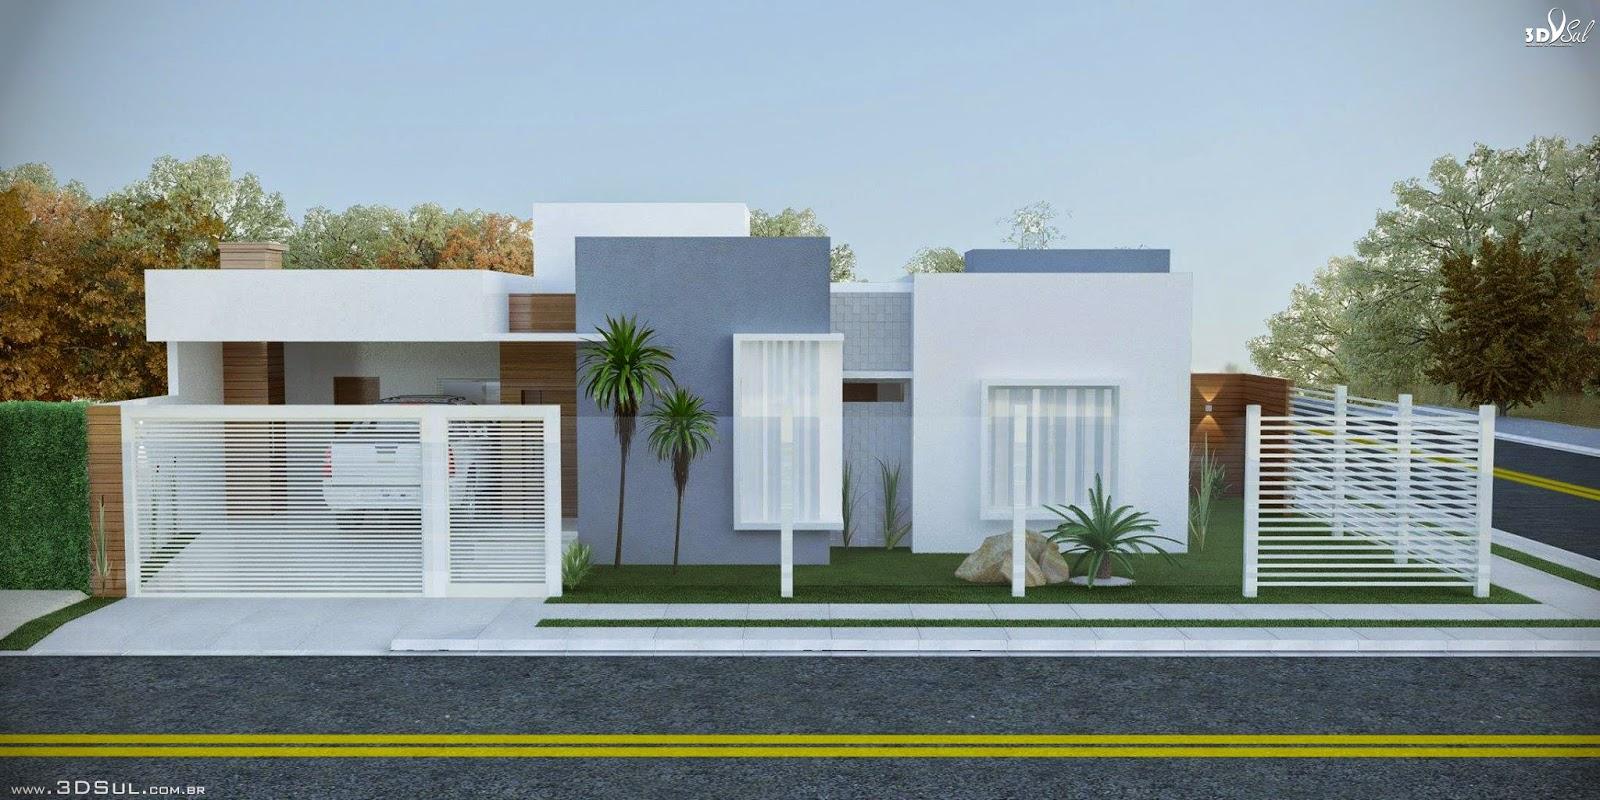 Terrea maquete eletronica casas - Fachada de casa ...